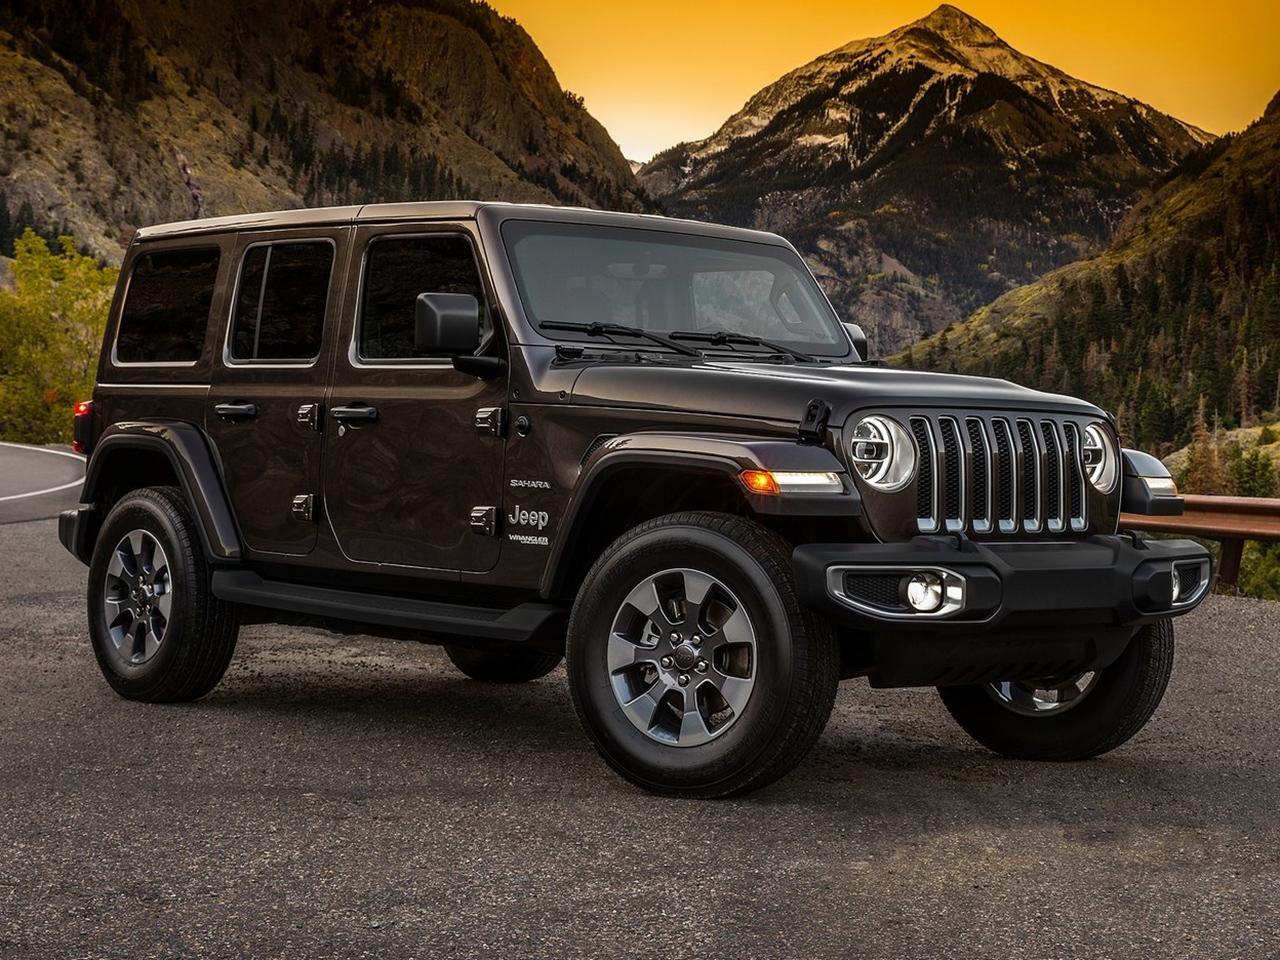 Jeep Wrangler Todas Las Versiones Del Mercado Precios Y Ofertas Ficha Autobild Es